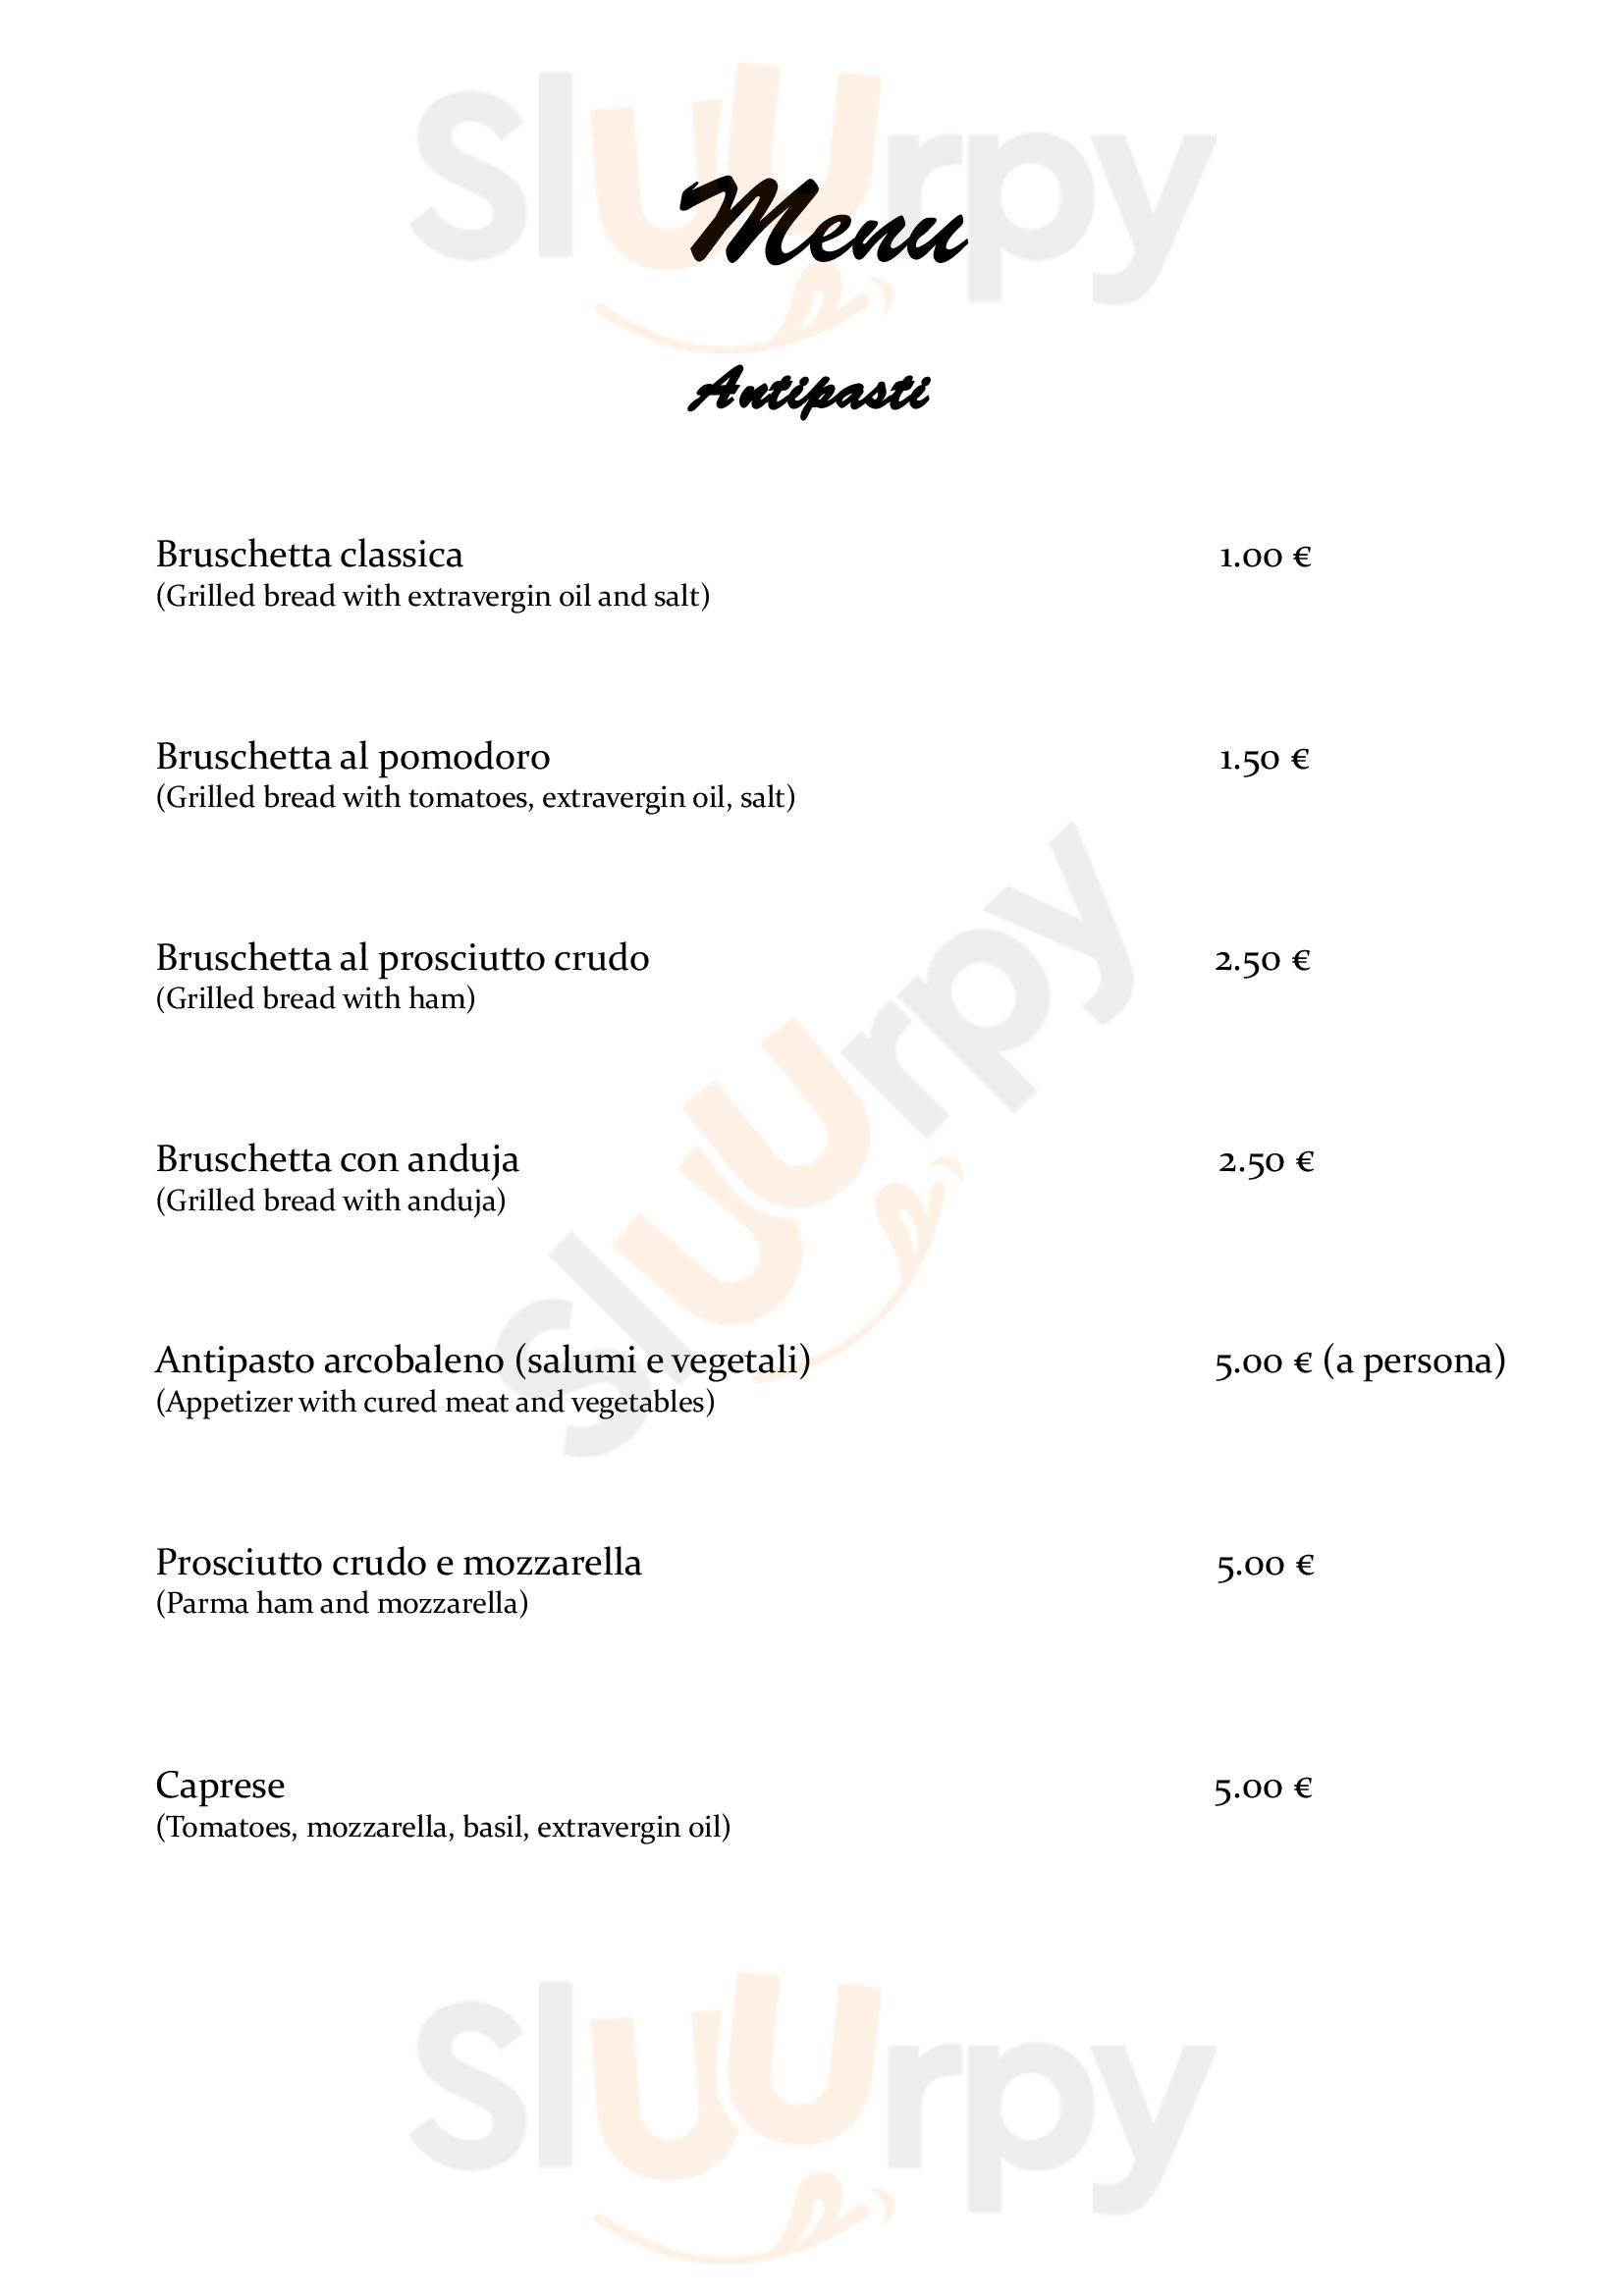 L'Arcobaleno Ristorante Pizzeria Roma menù 1 pagina